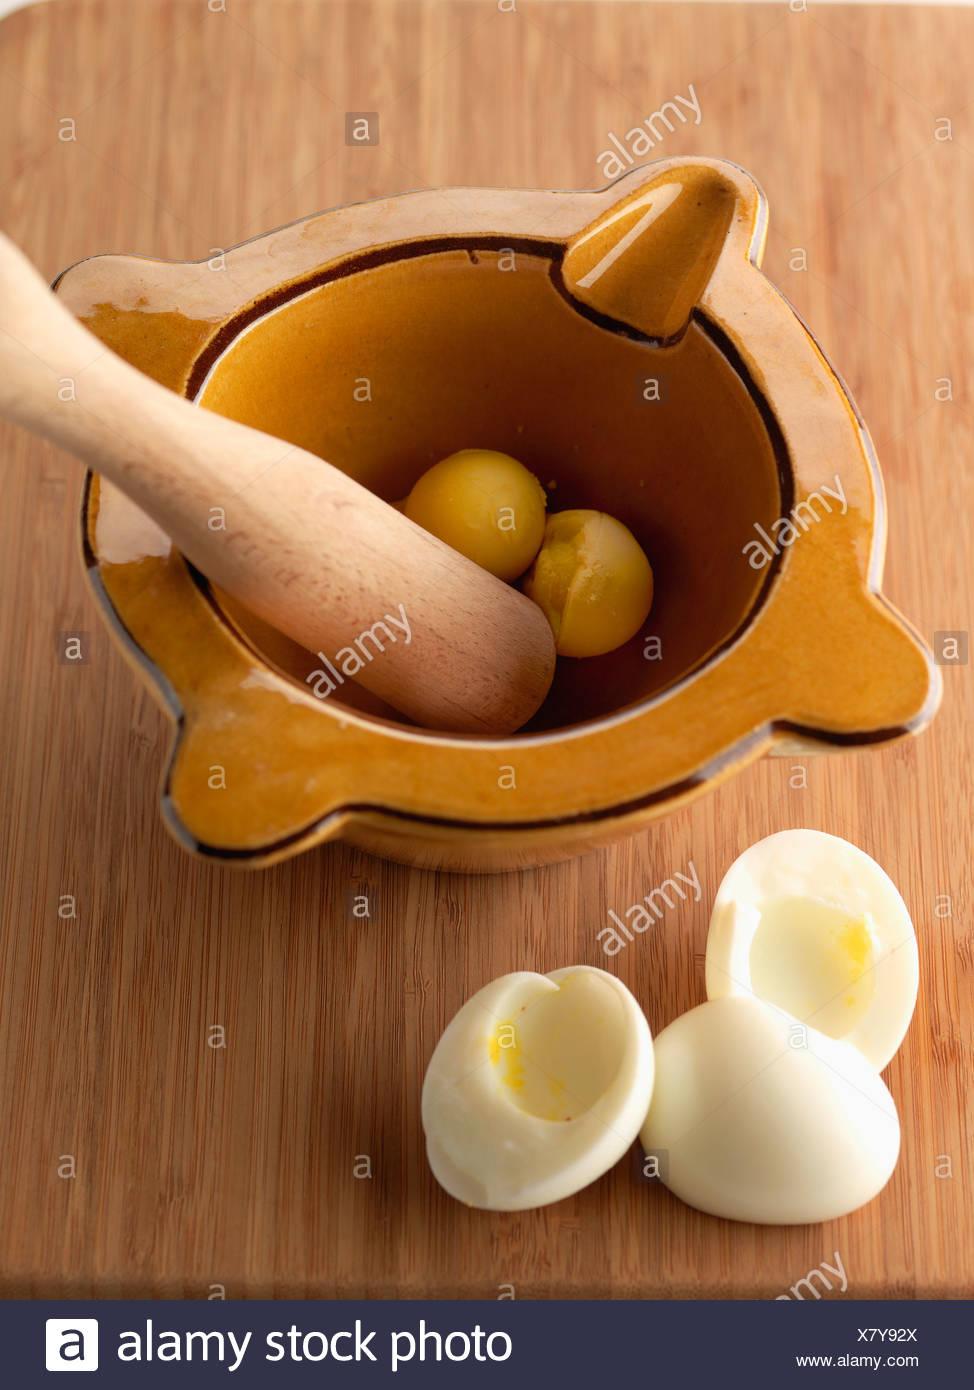 03a937eb9fa Crushing Egg Stock Photos & Crushing Egg Stock Images - Alamy